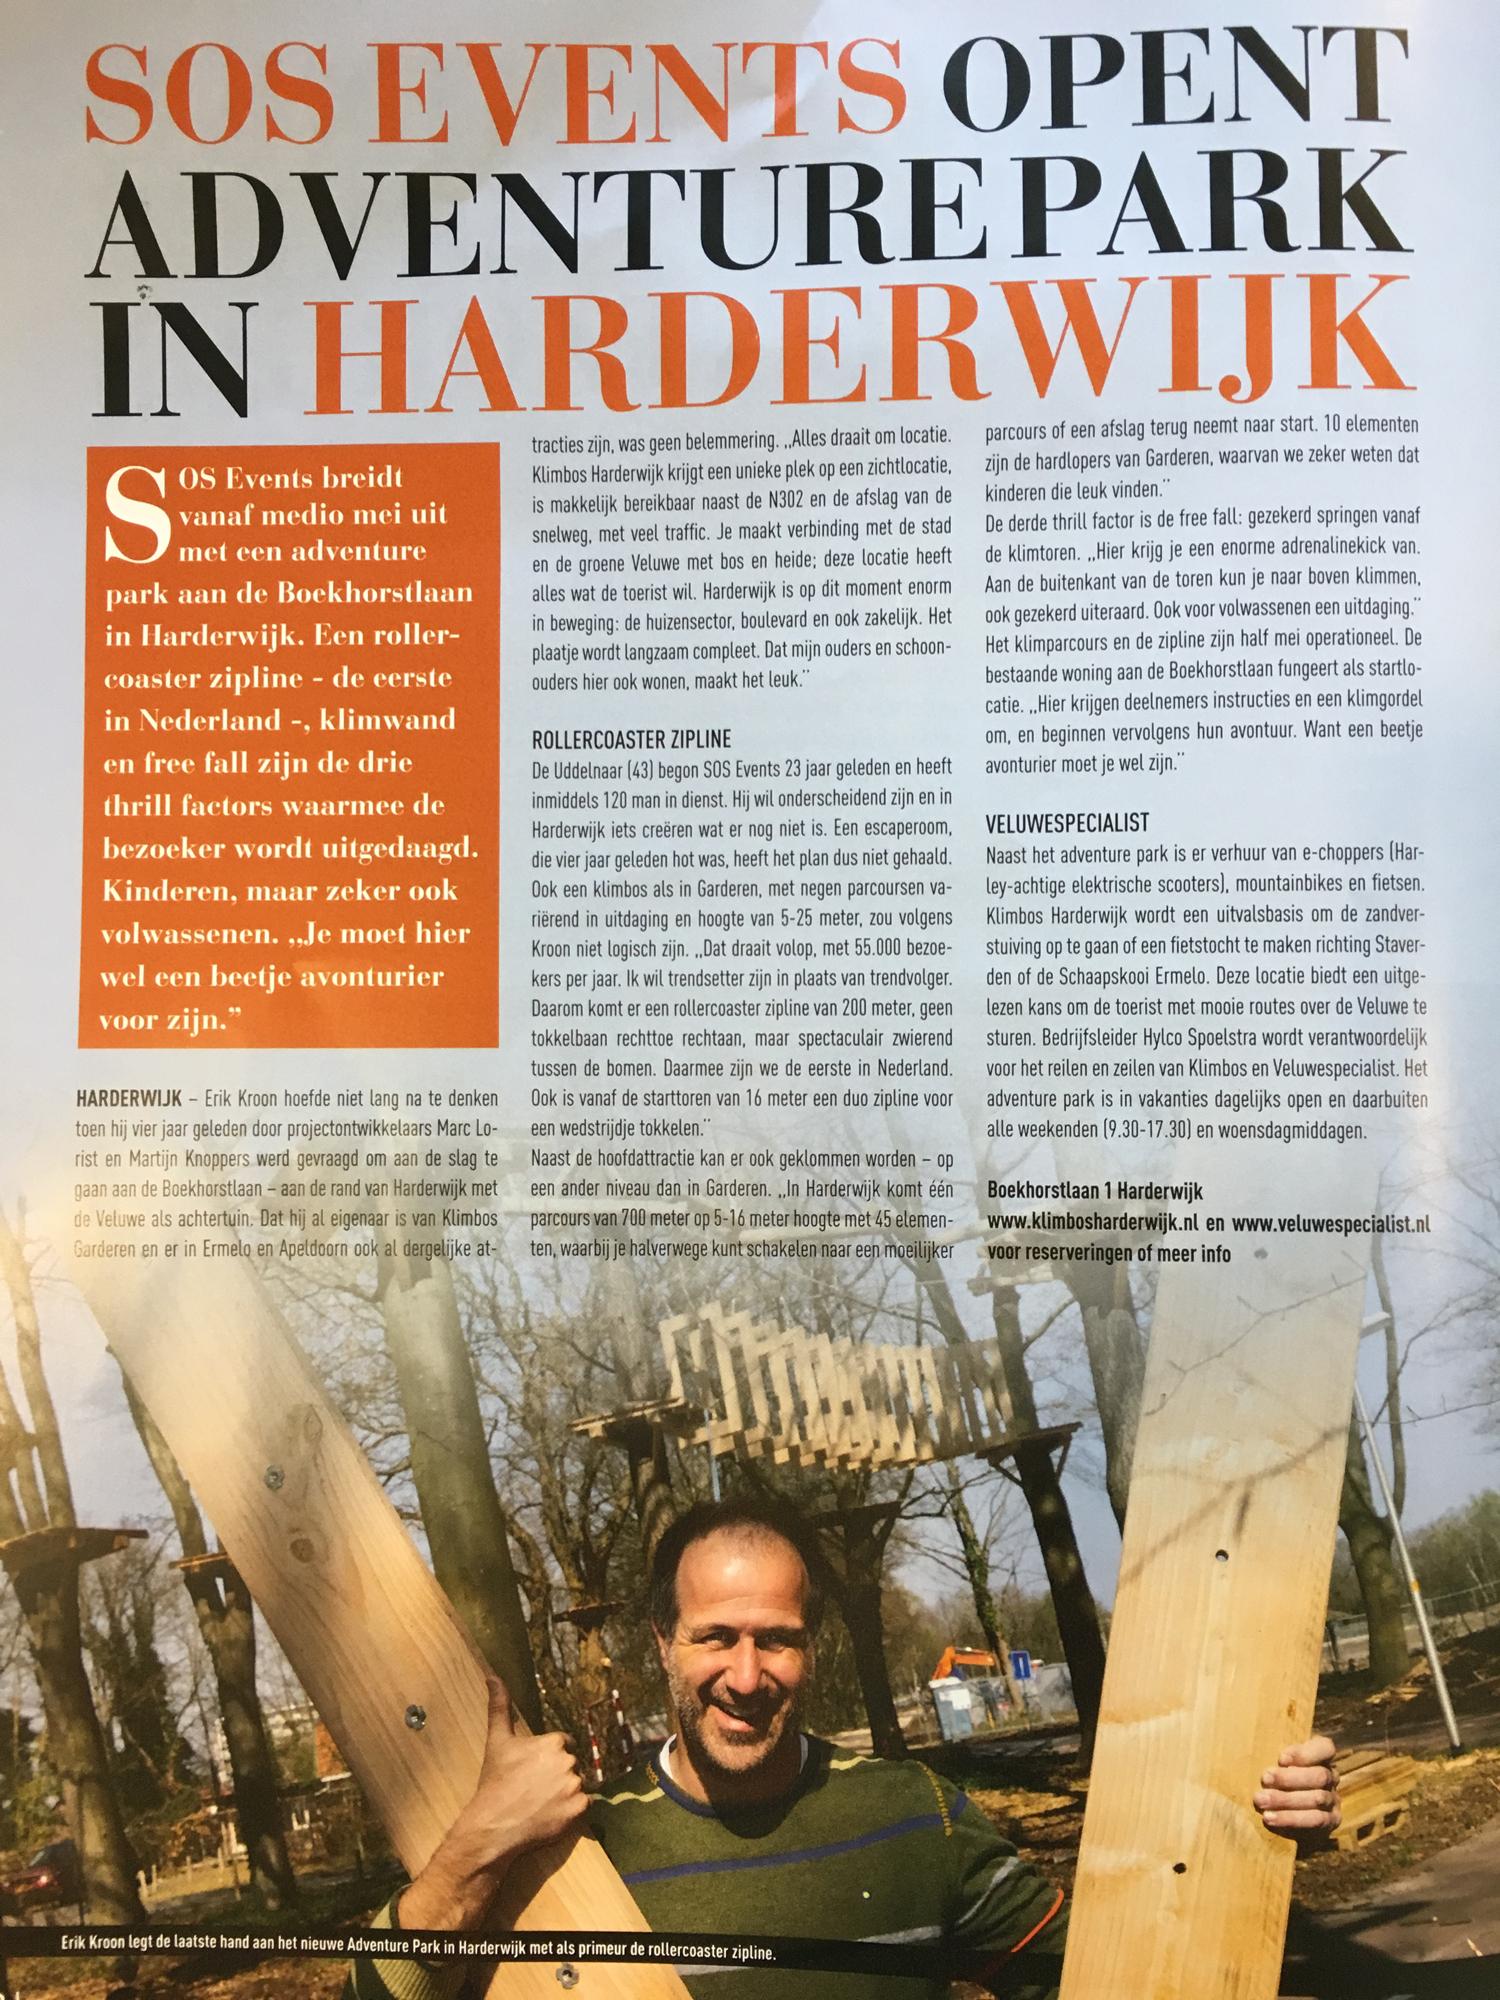 Adventurepark Harderwijk in Stad in Bedrijf